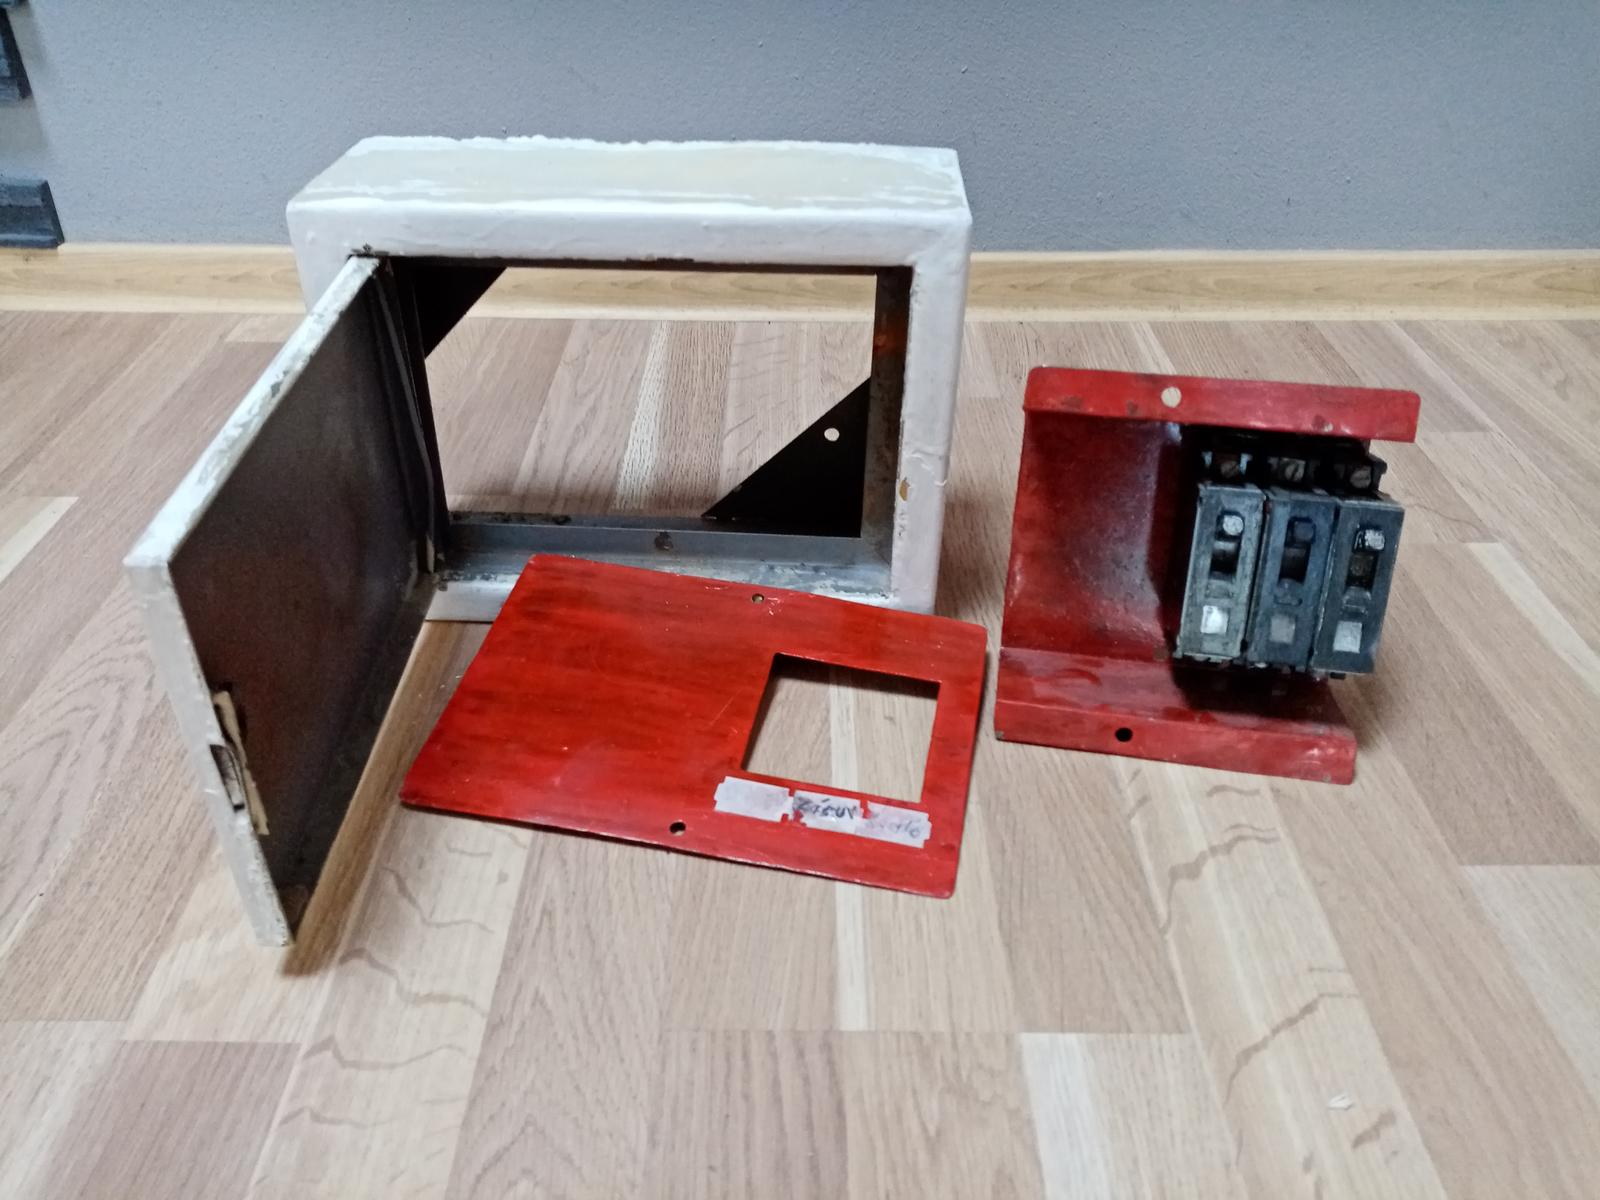 Stará elektro skrinka s 3 ističmi - Obrázok č. 1